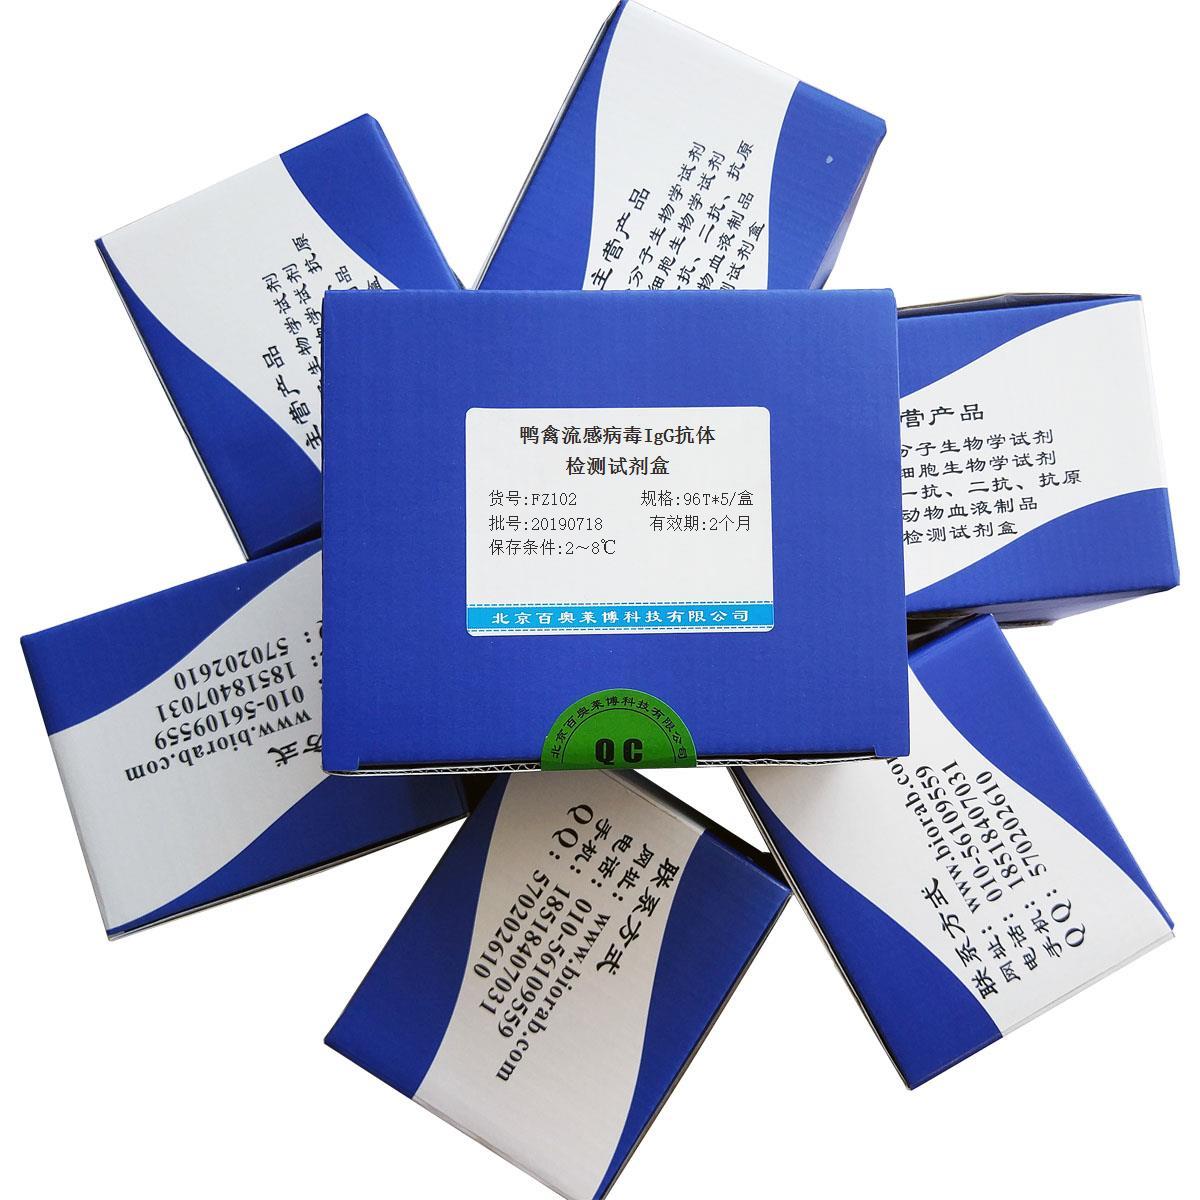 鸭禽流感病毒IgG抗体检测试剂盒现货供应